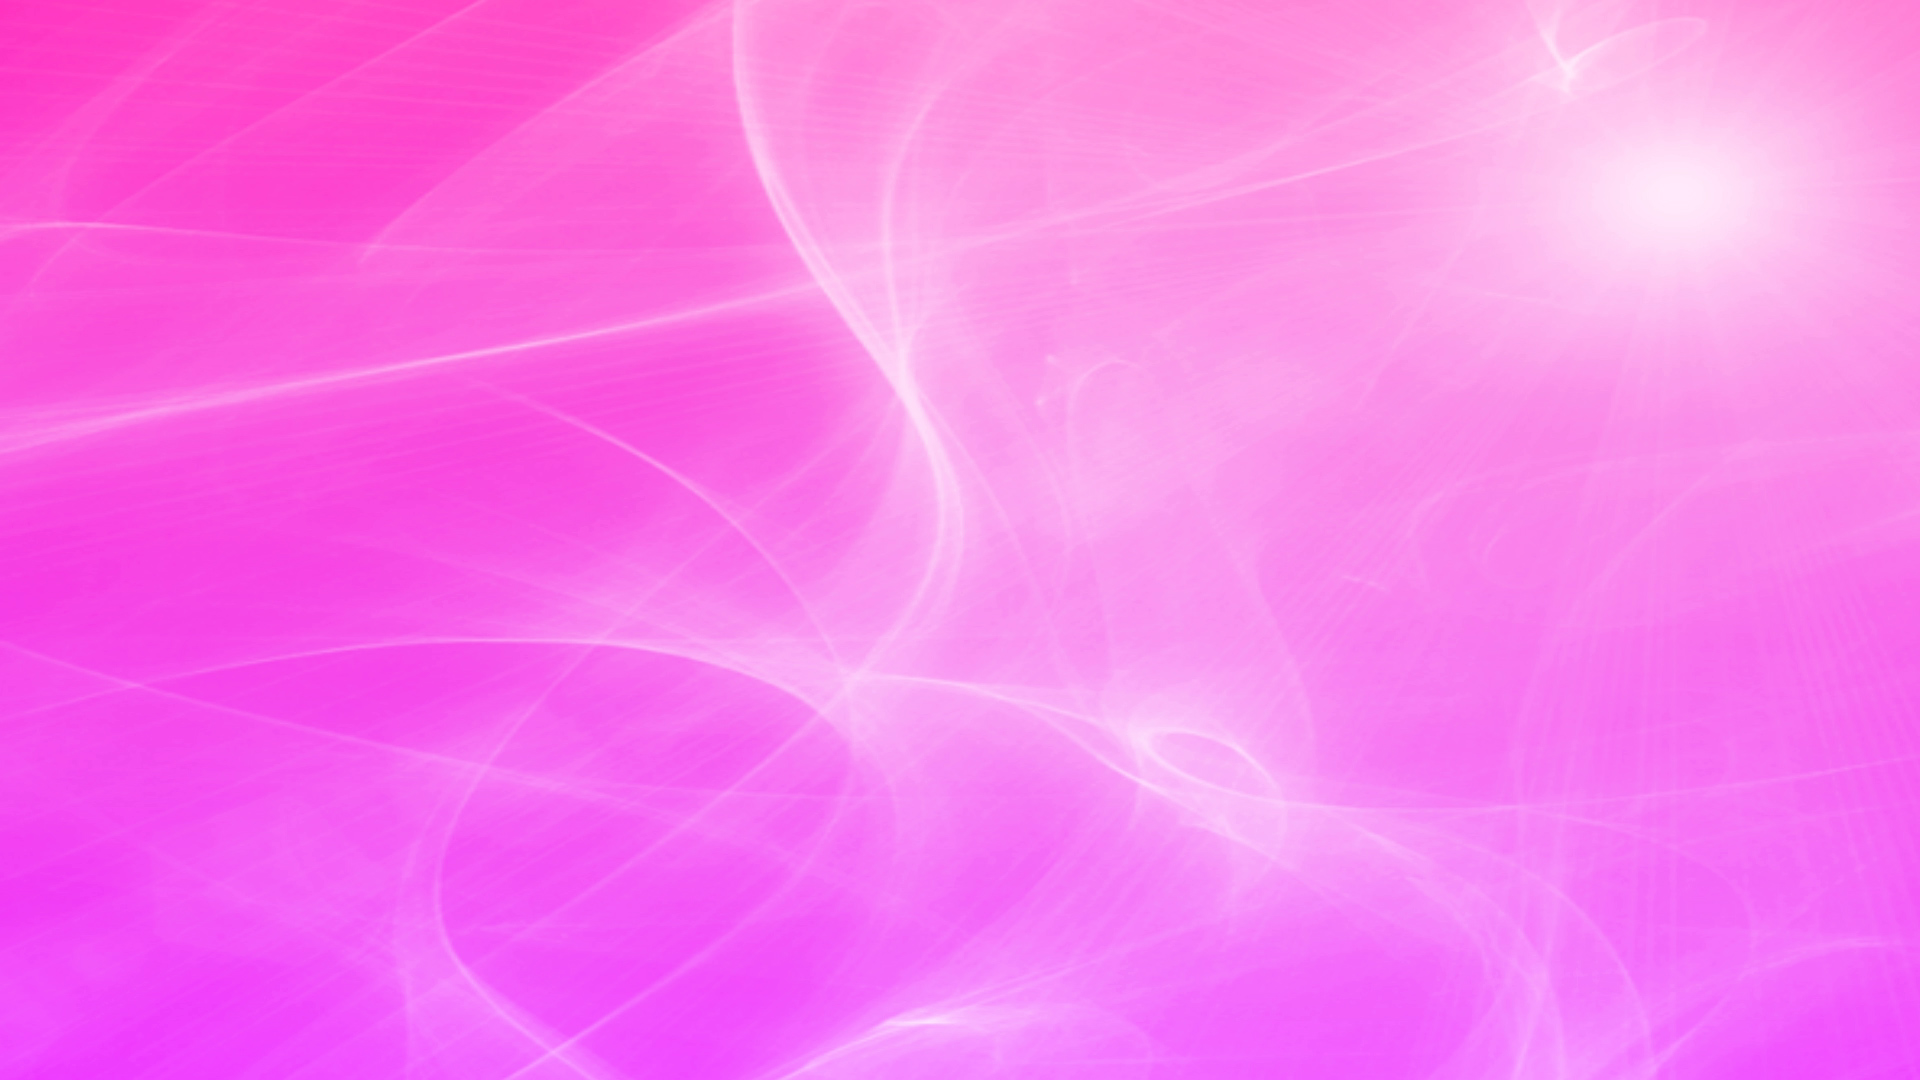 Картинки с розовым фоном красивые